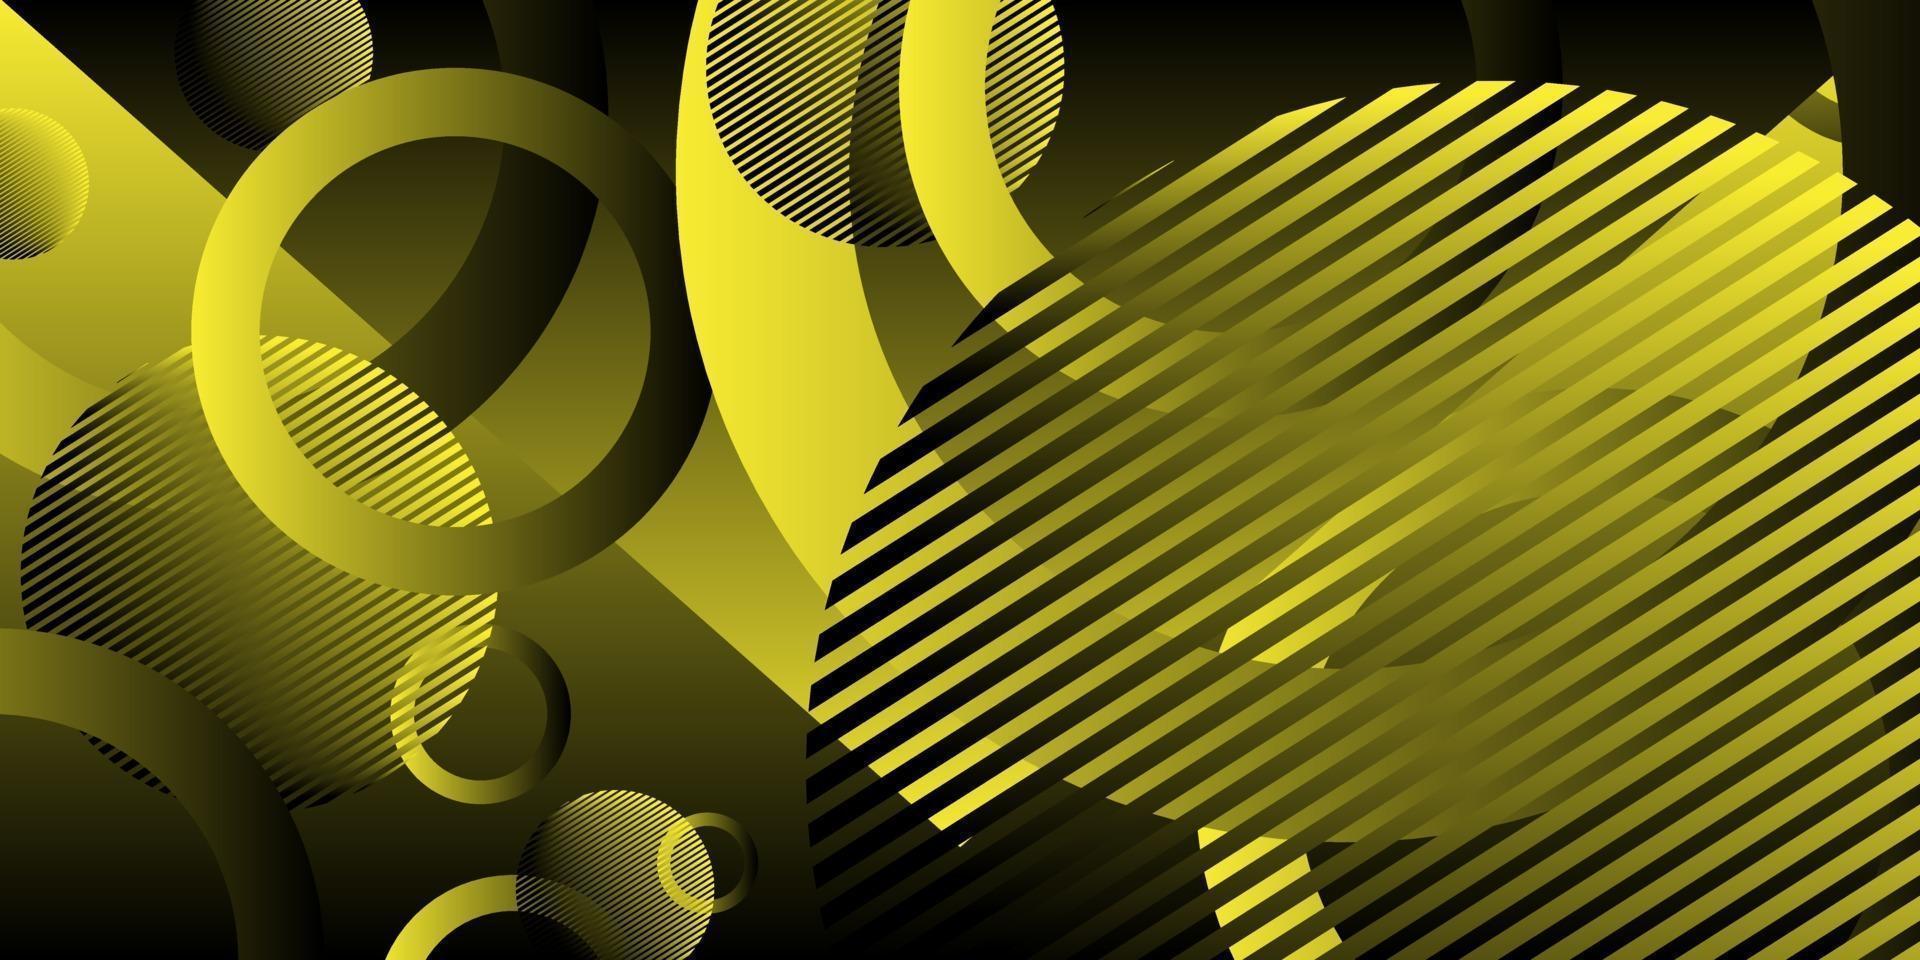 abstrakter Hintergrund gelbe schwarze Streifenfarbe mit Kreis vektor